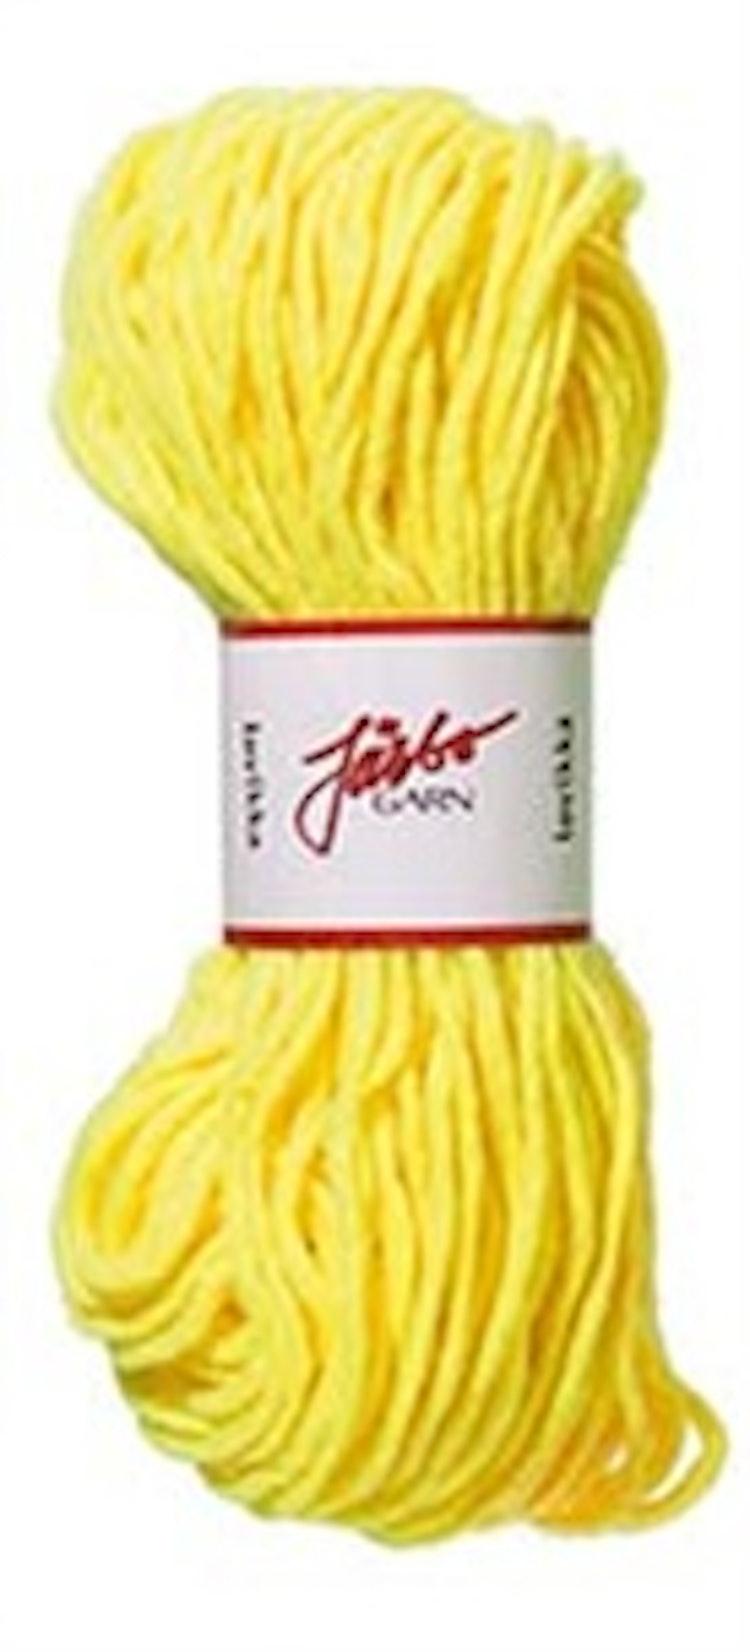 Lovikka Neon Yellow